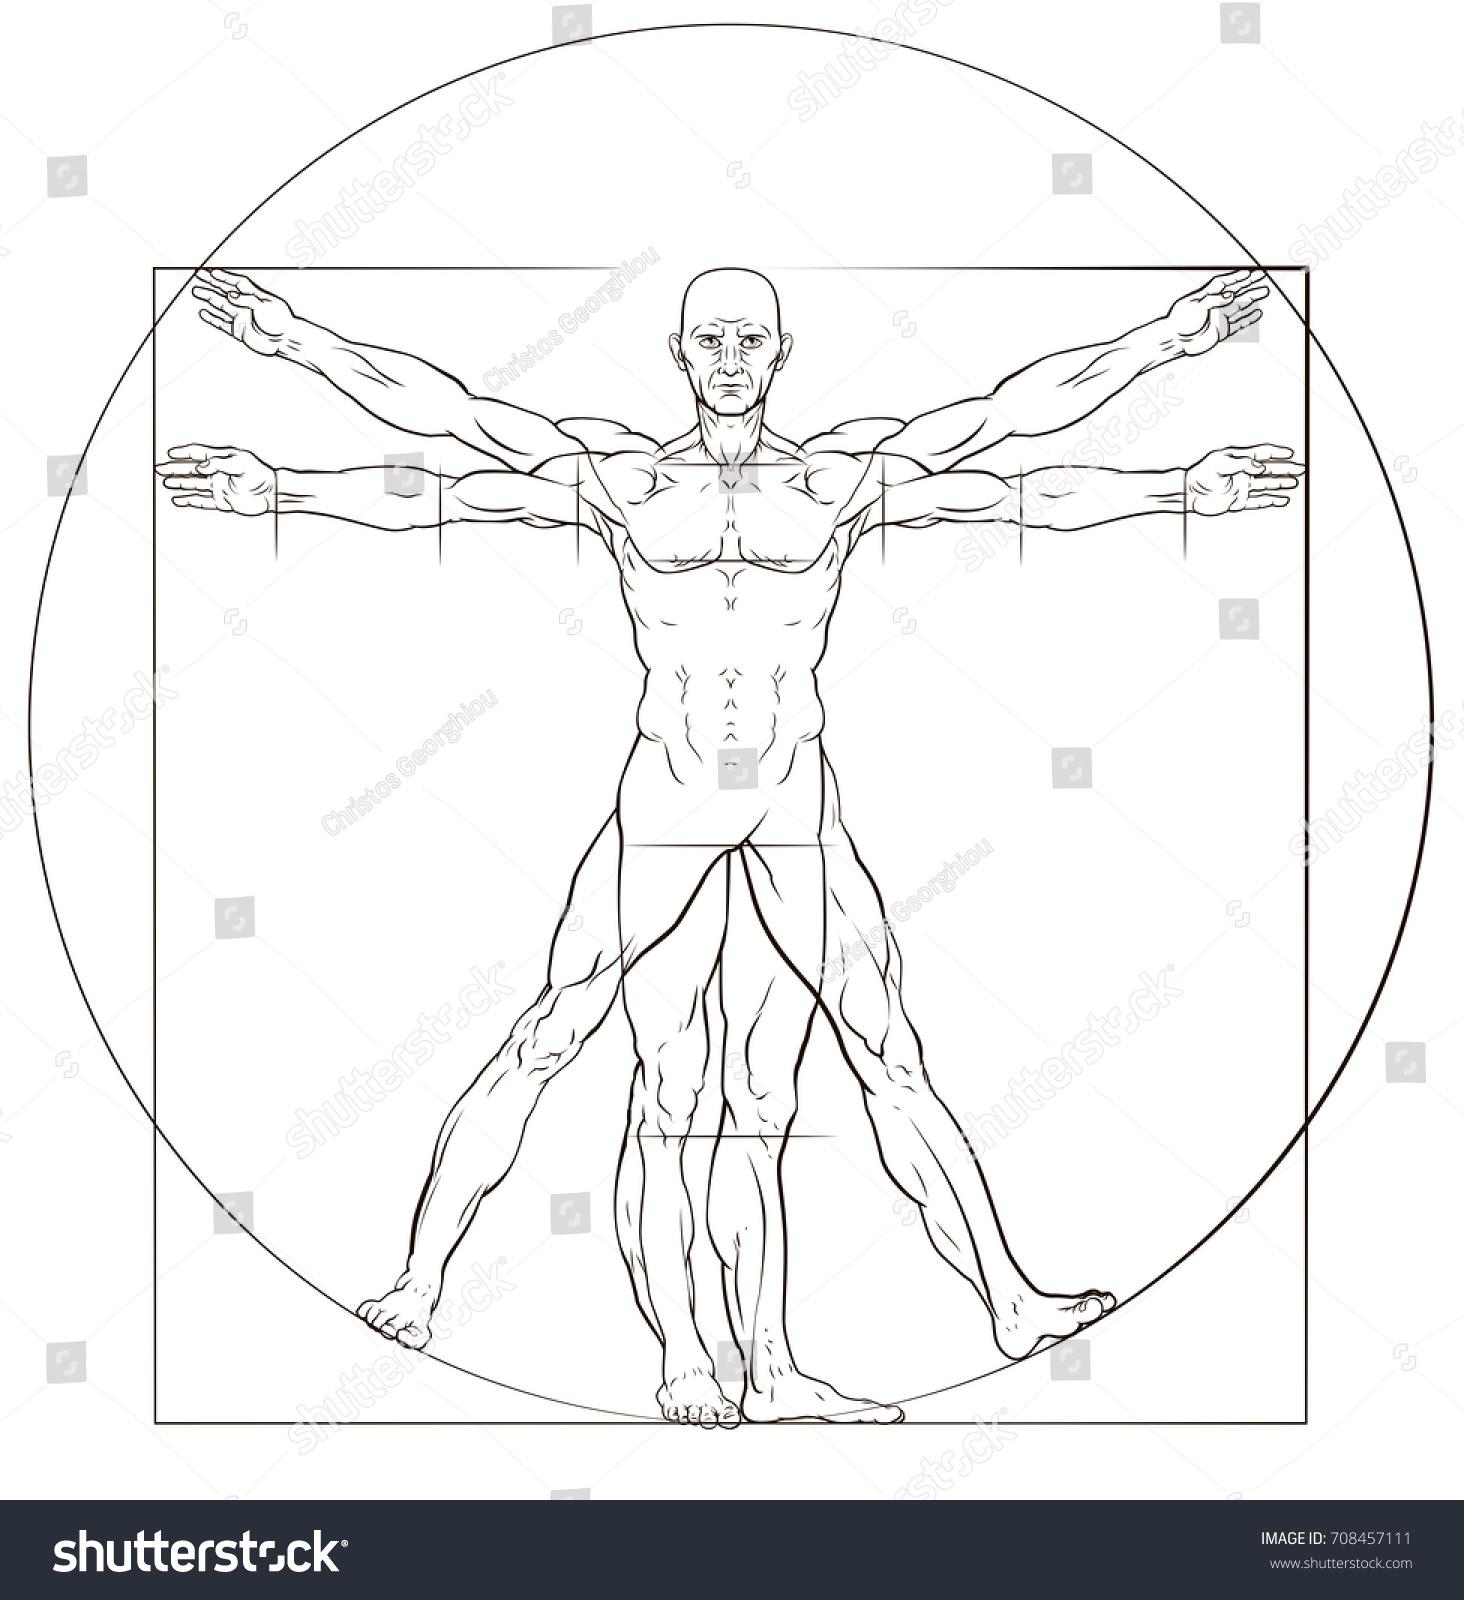 A human figure like Leonard Da Vinci s Vitruvian man anatomy ...